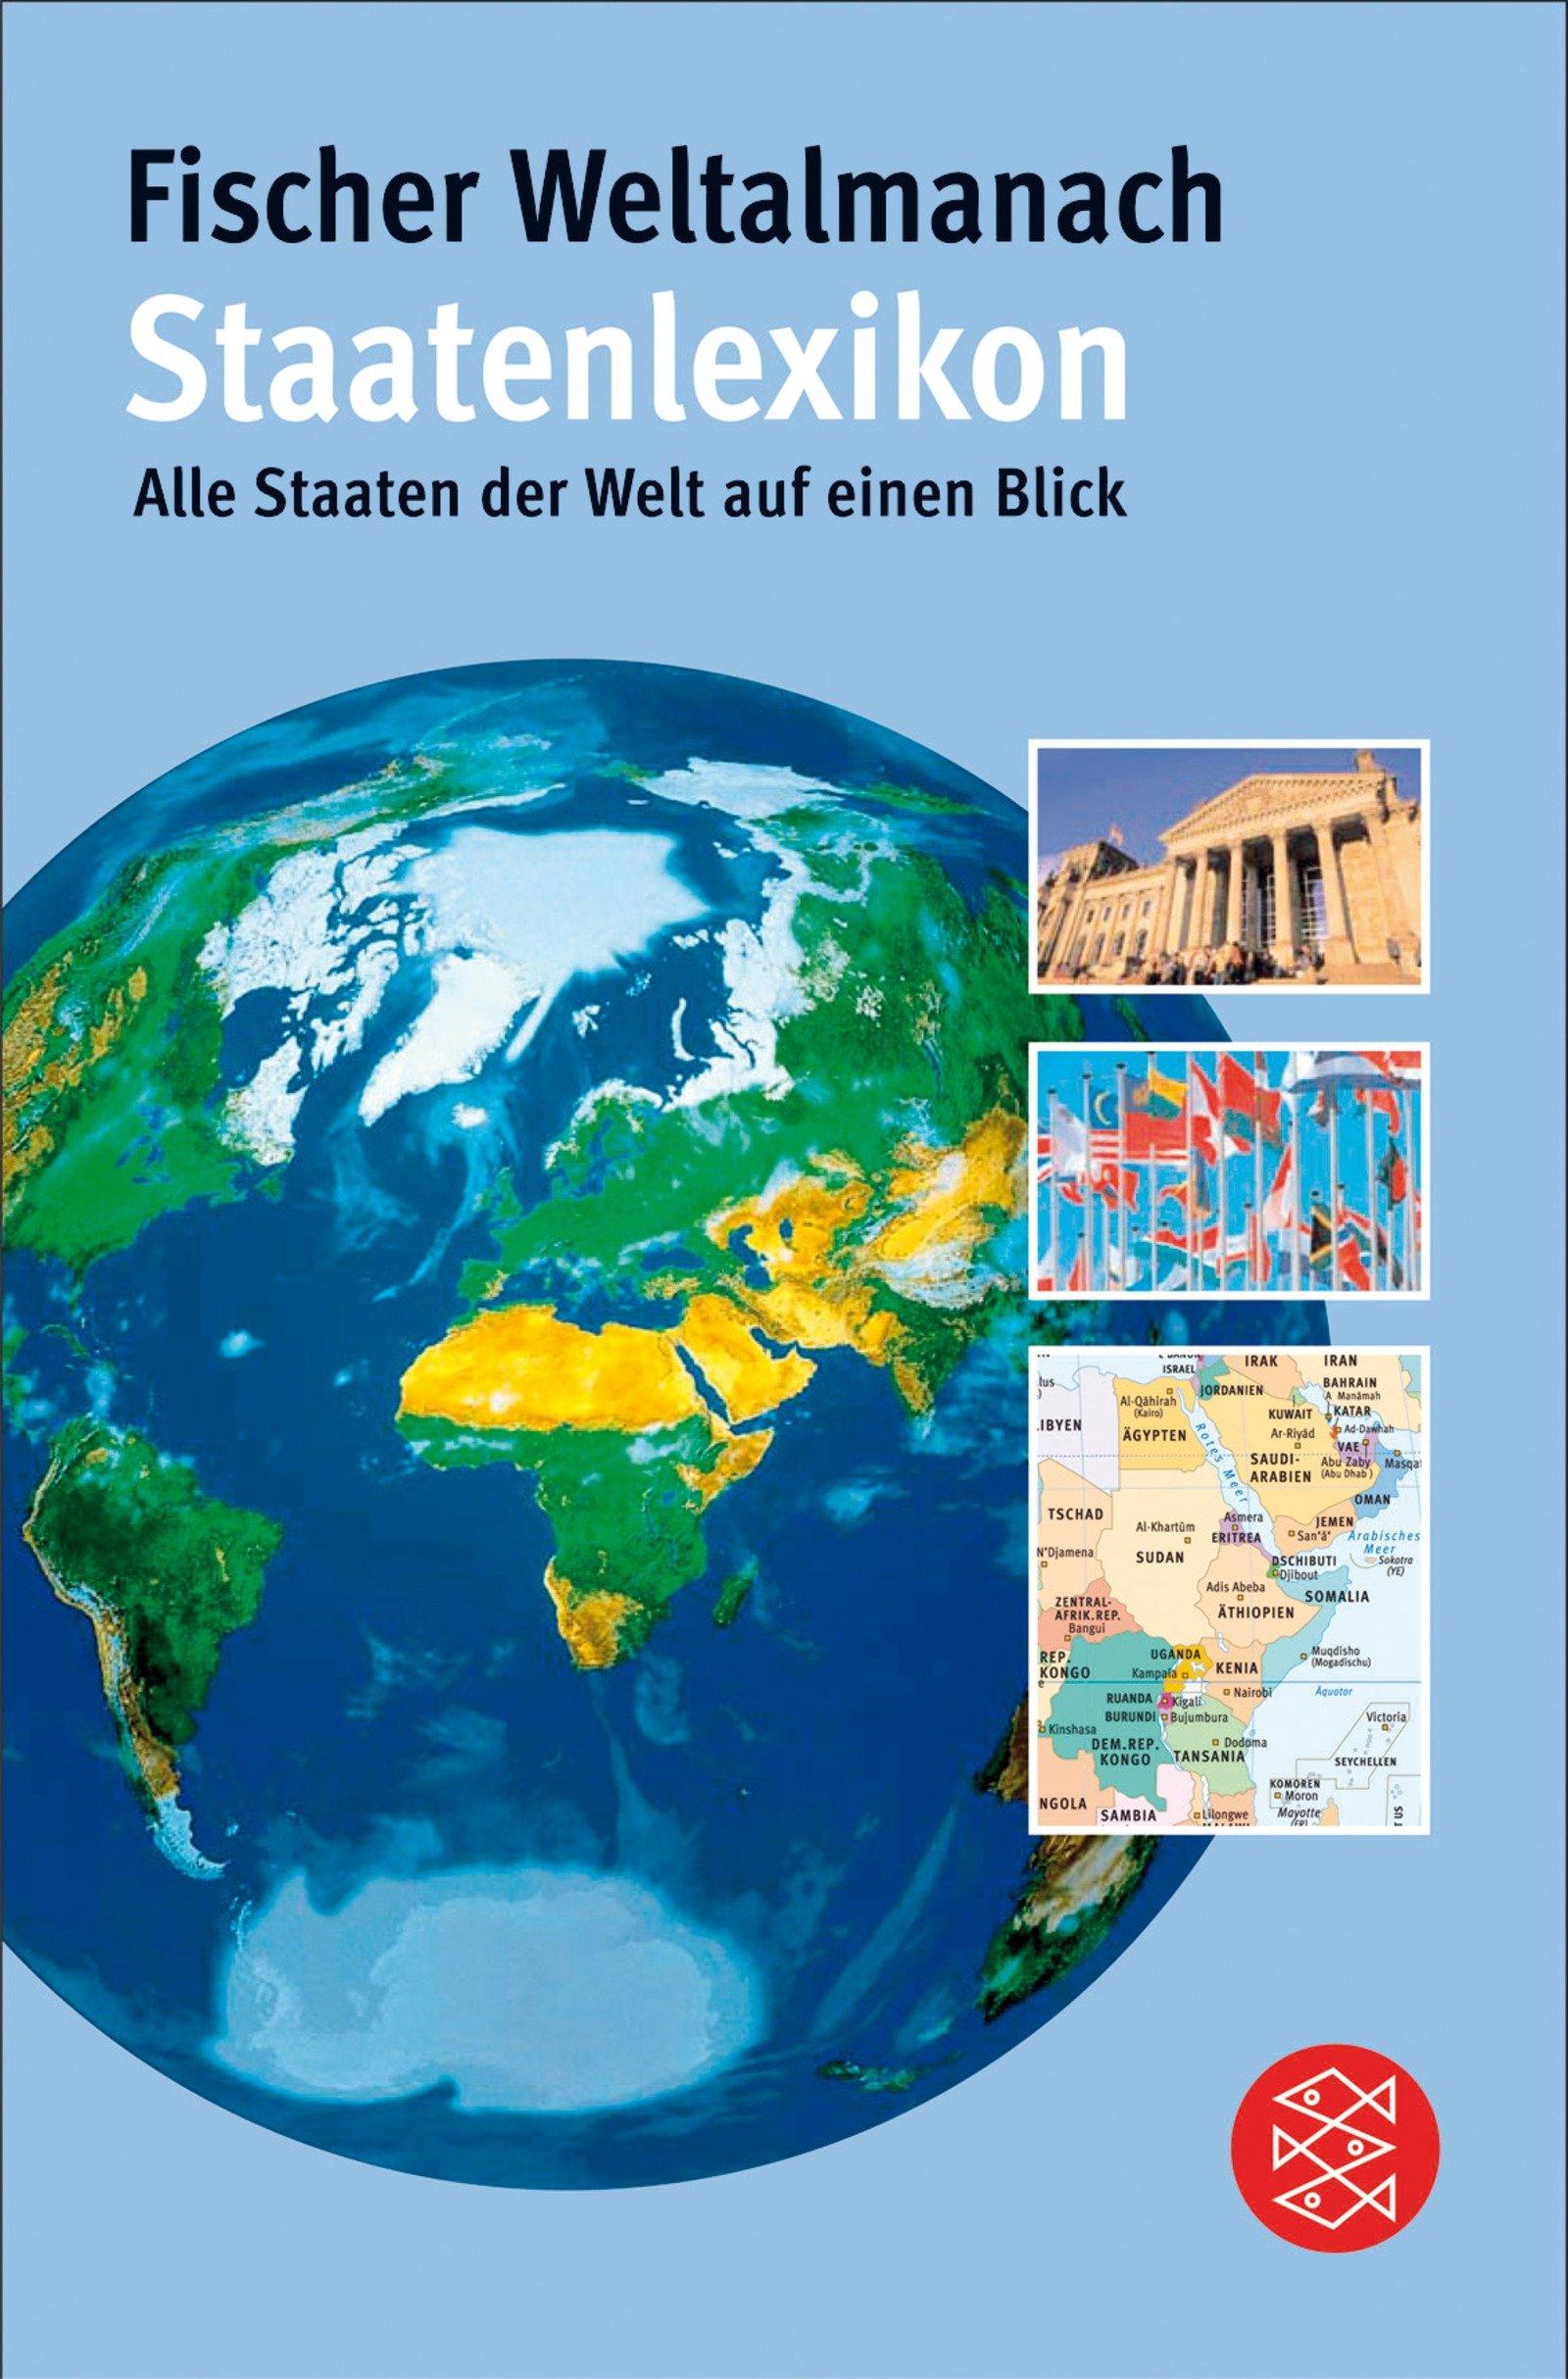 Der Fischer Weltalmanach Staatenlexikon: Alle Staaten der Welt auf einen Blick (Fischer Sachbücher)